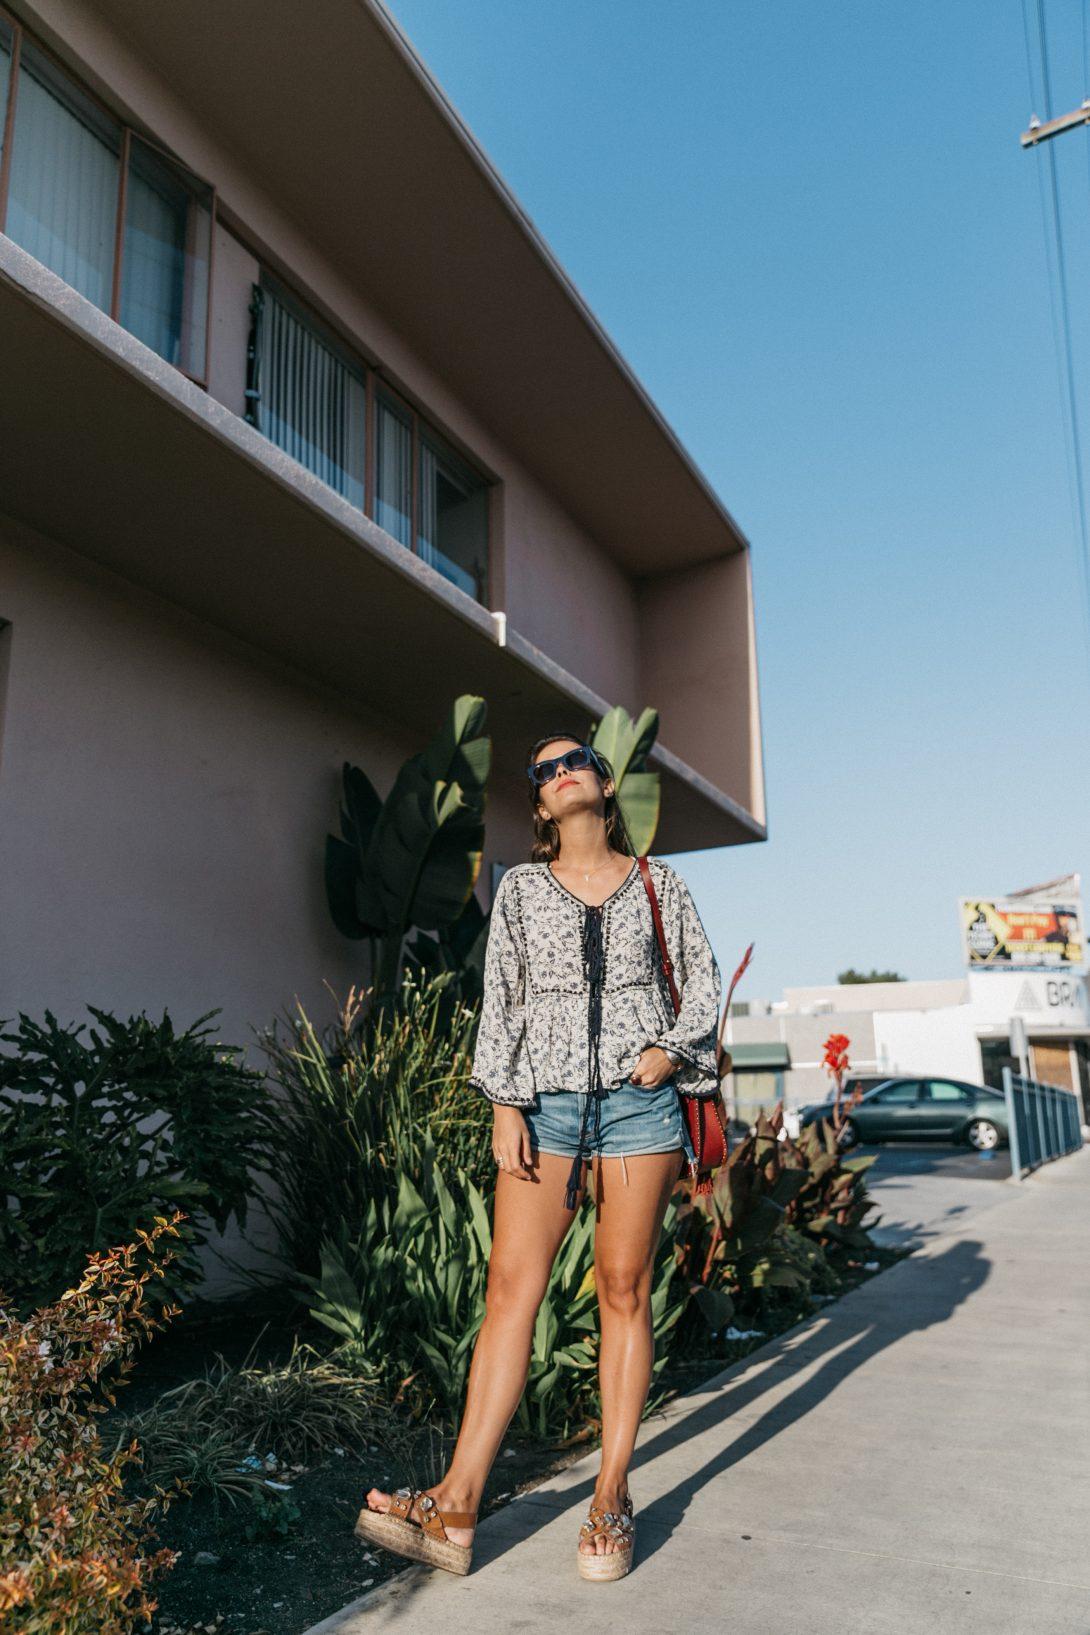 Boho_Top-GRFRND_Jeans-Chloe_Hudson_Bag-Espadrilles-Los_Angeles-Outfit-Collage_Vintage--20